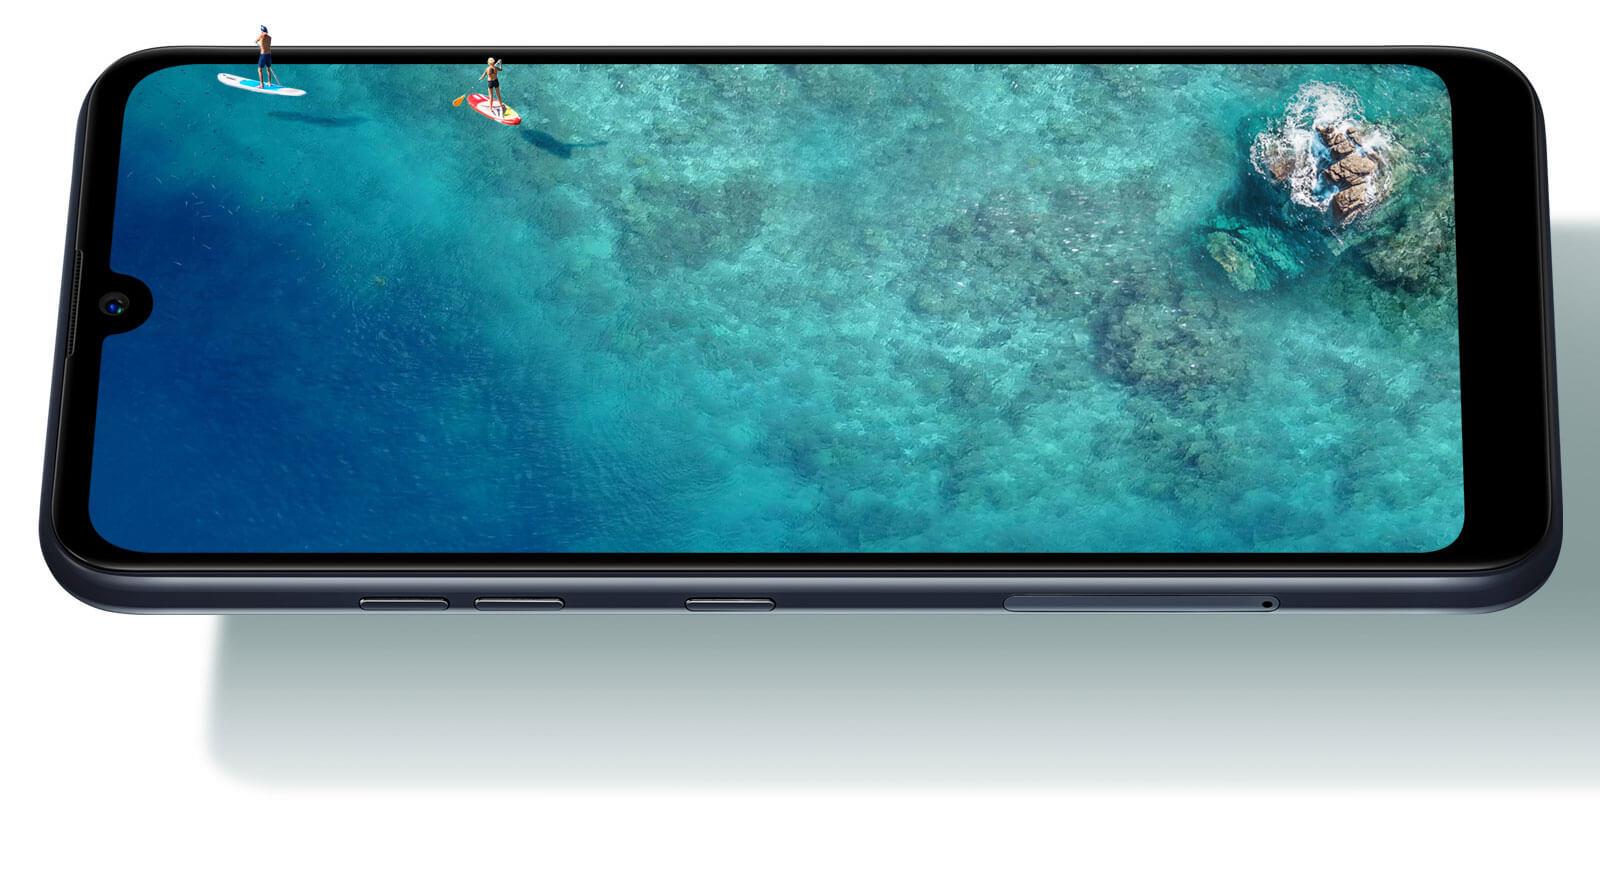 mc q60 newaurorablack single 05 626 hd fullvision desktop d0db232b